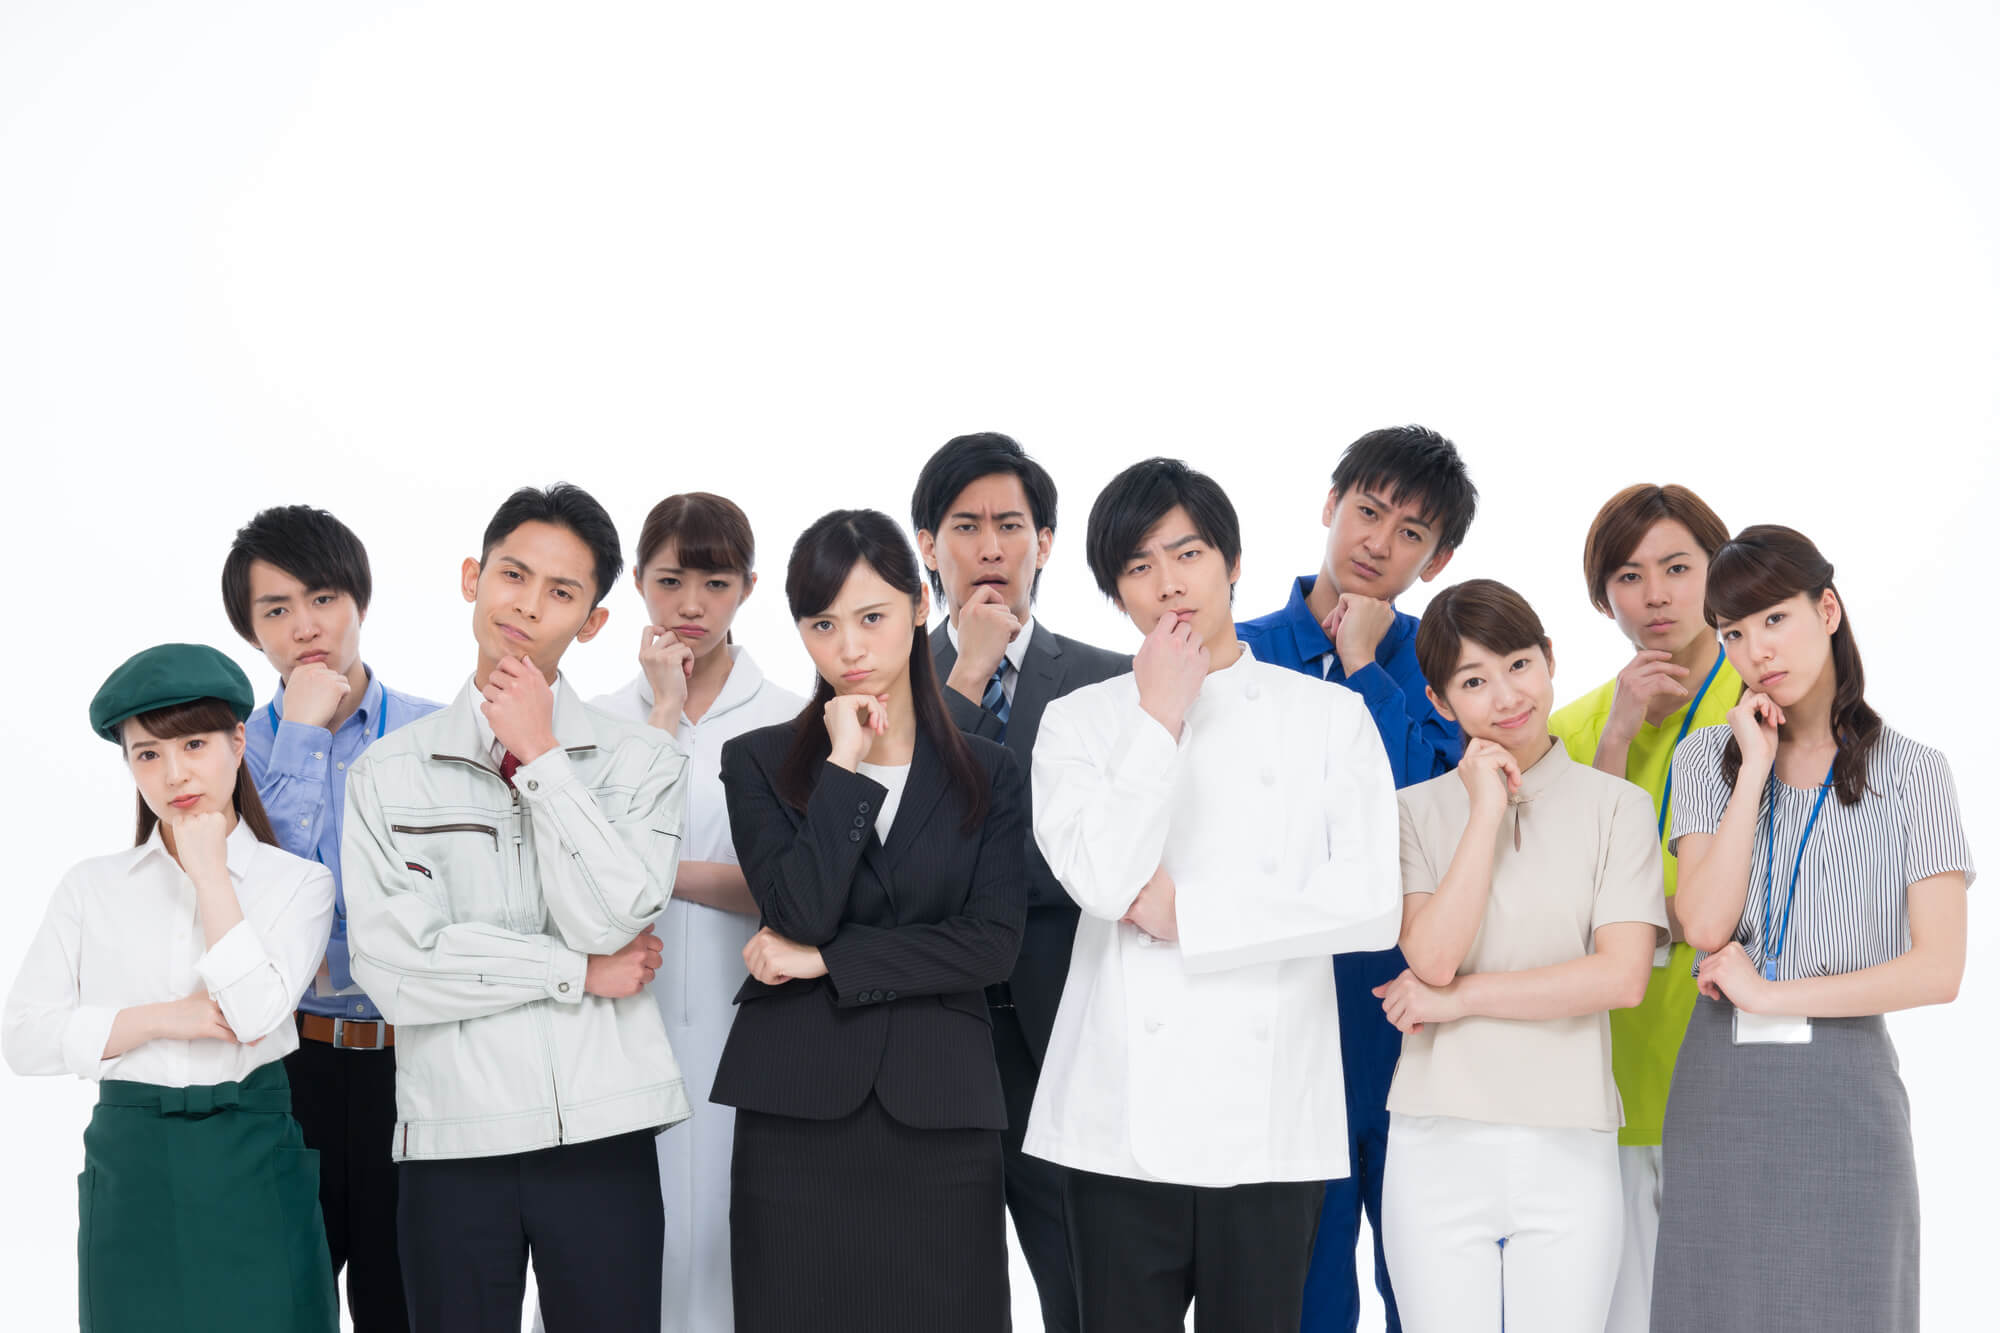 アルバイト先から突然の解雇!素直に受け入れるべき?